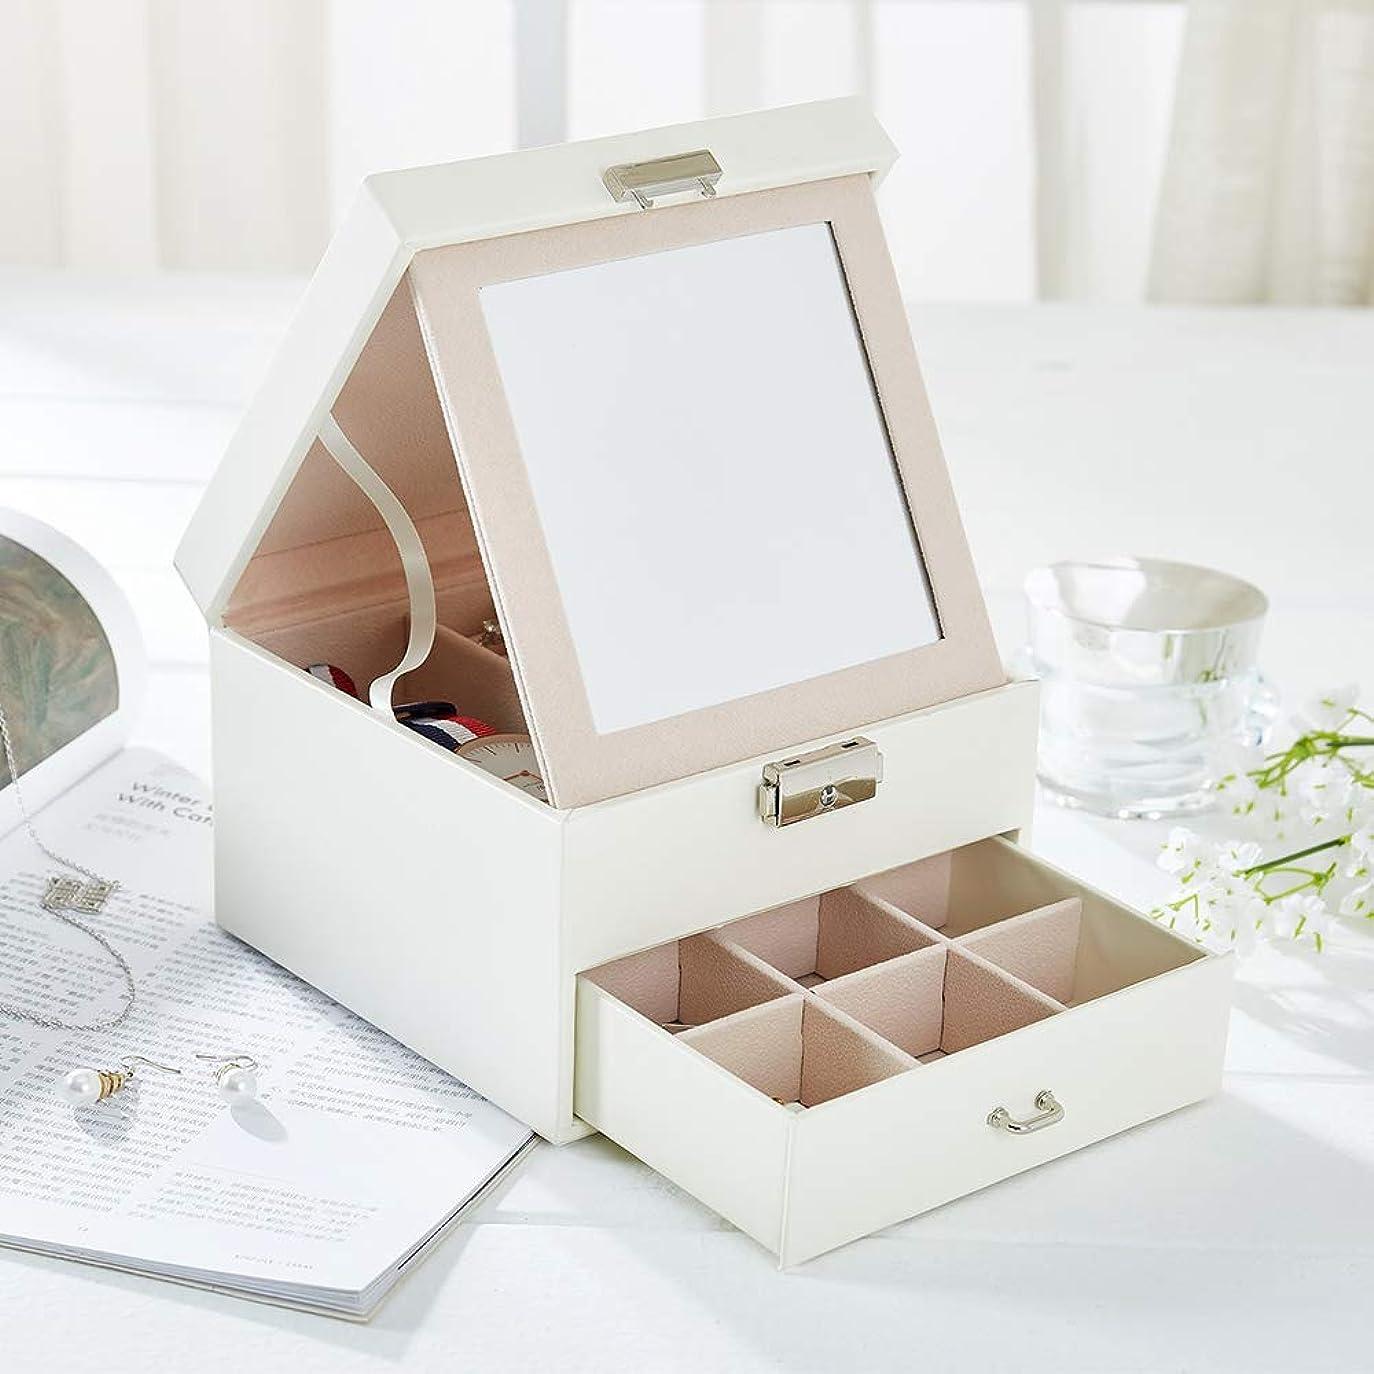 心配話す空のDiolan ジュエリー収納ケース ジュエリーボックス ミラー付き 2段収納 イヤリング 指輪 腕時計などを収納できる (ホワイト)